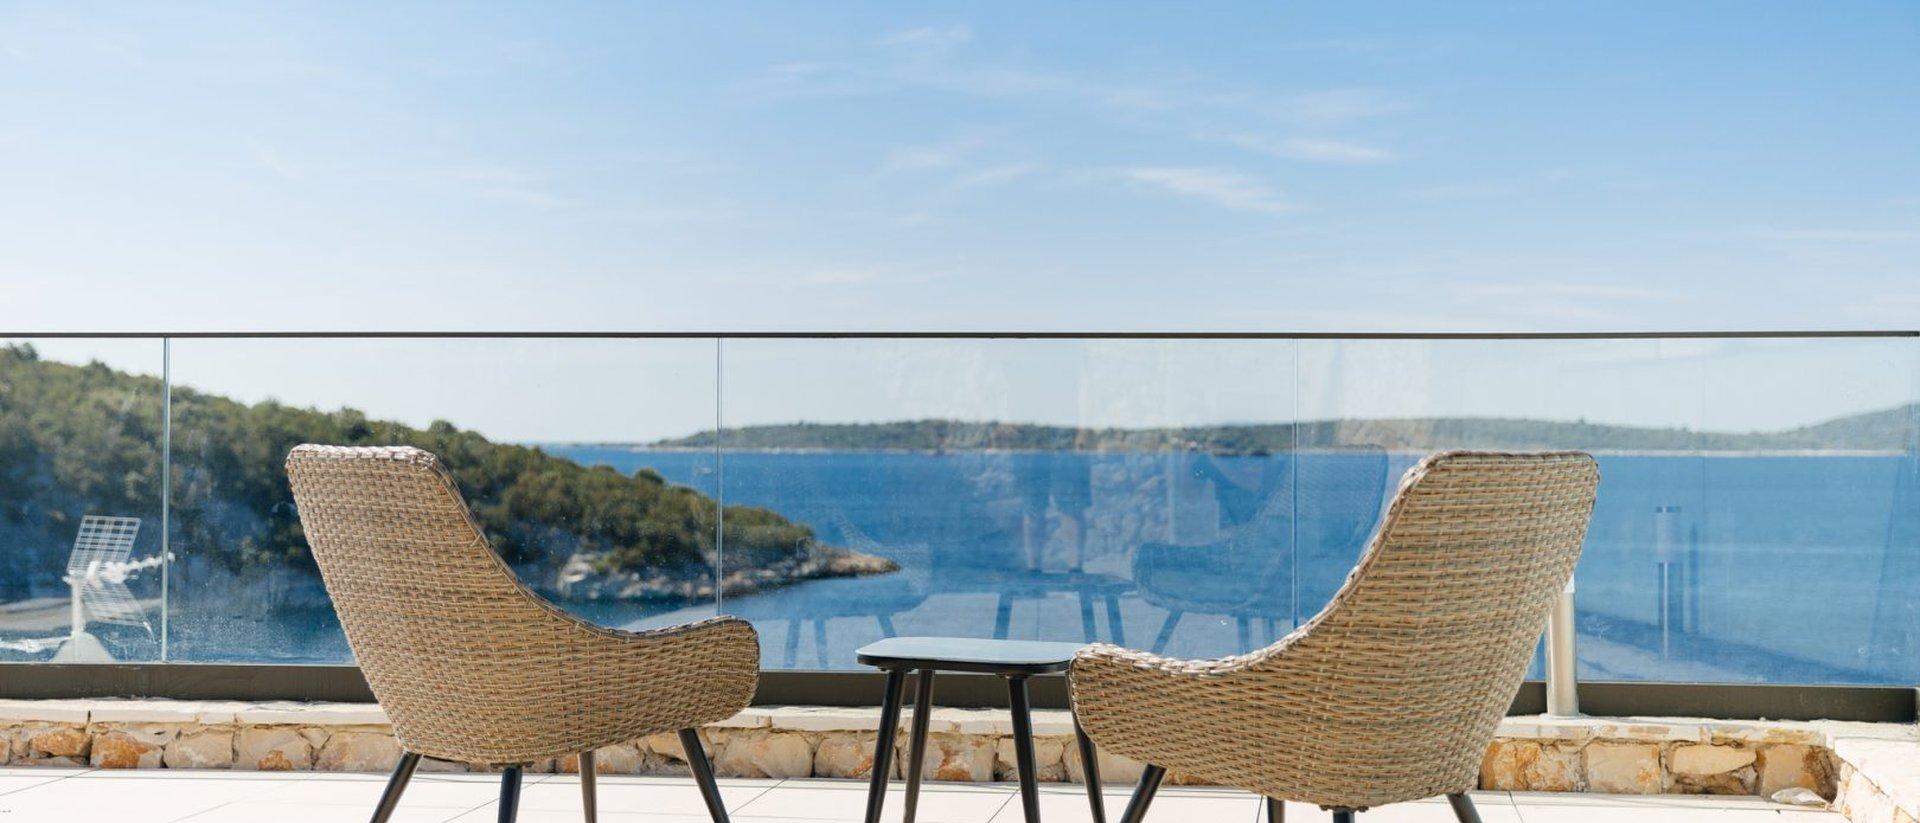 Vier moderne Villen mit Pools in der Bauphase in einer erstaunlich effizienten Lage am Stadtrand von Trogir!